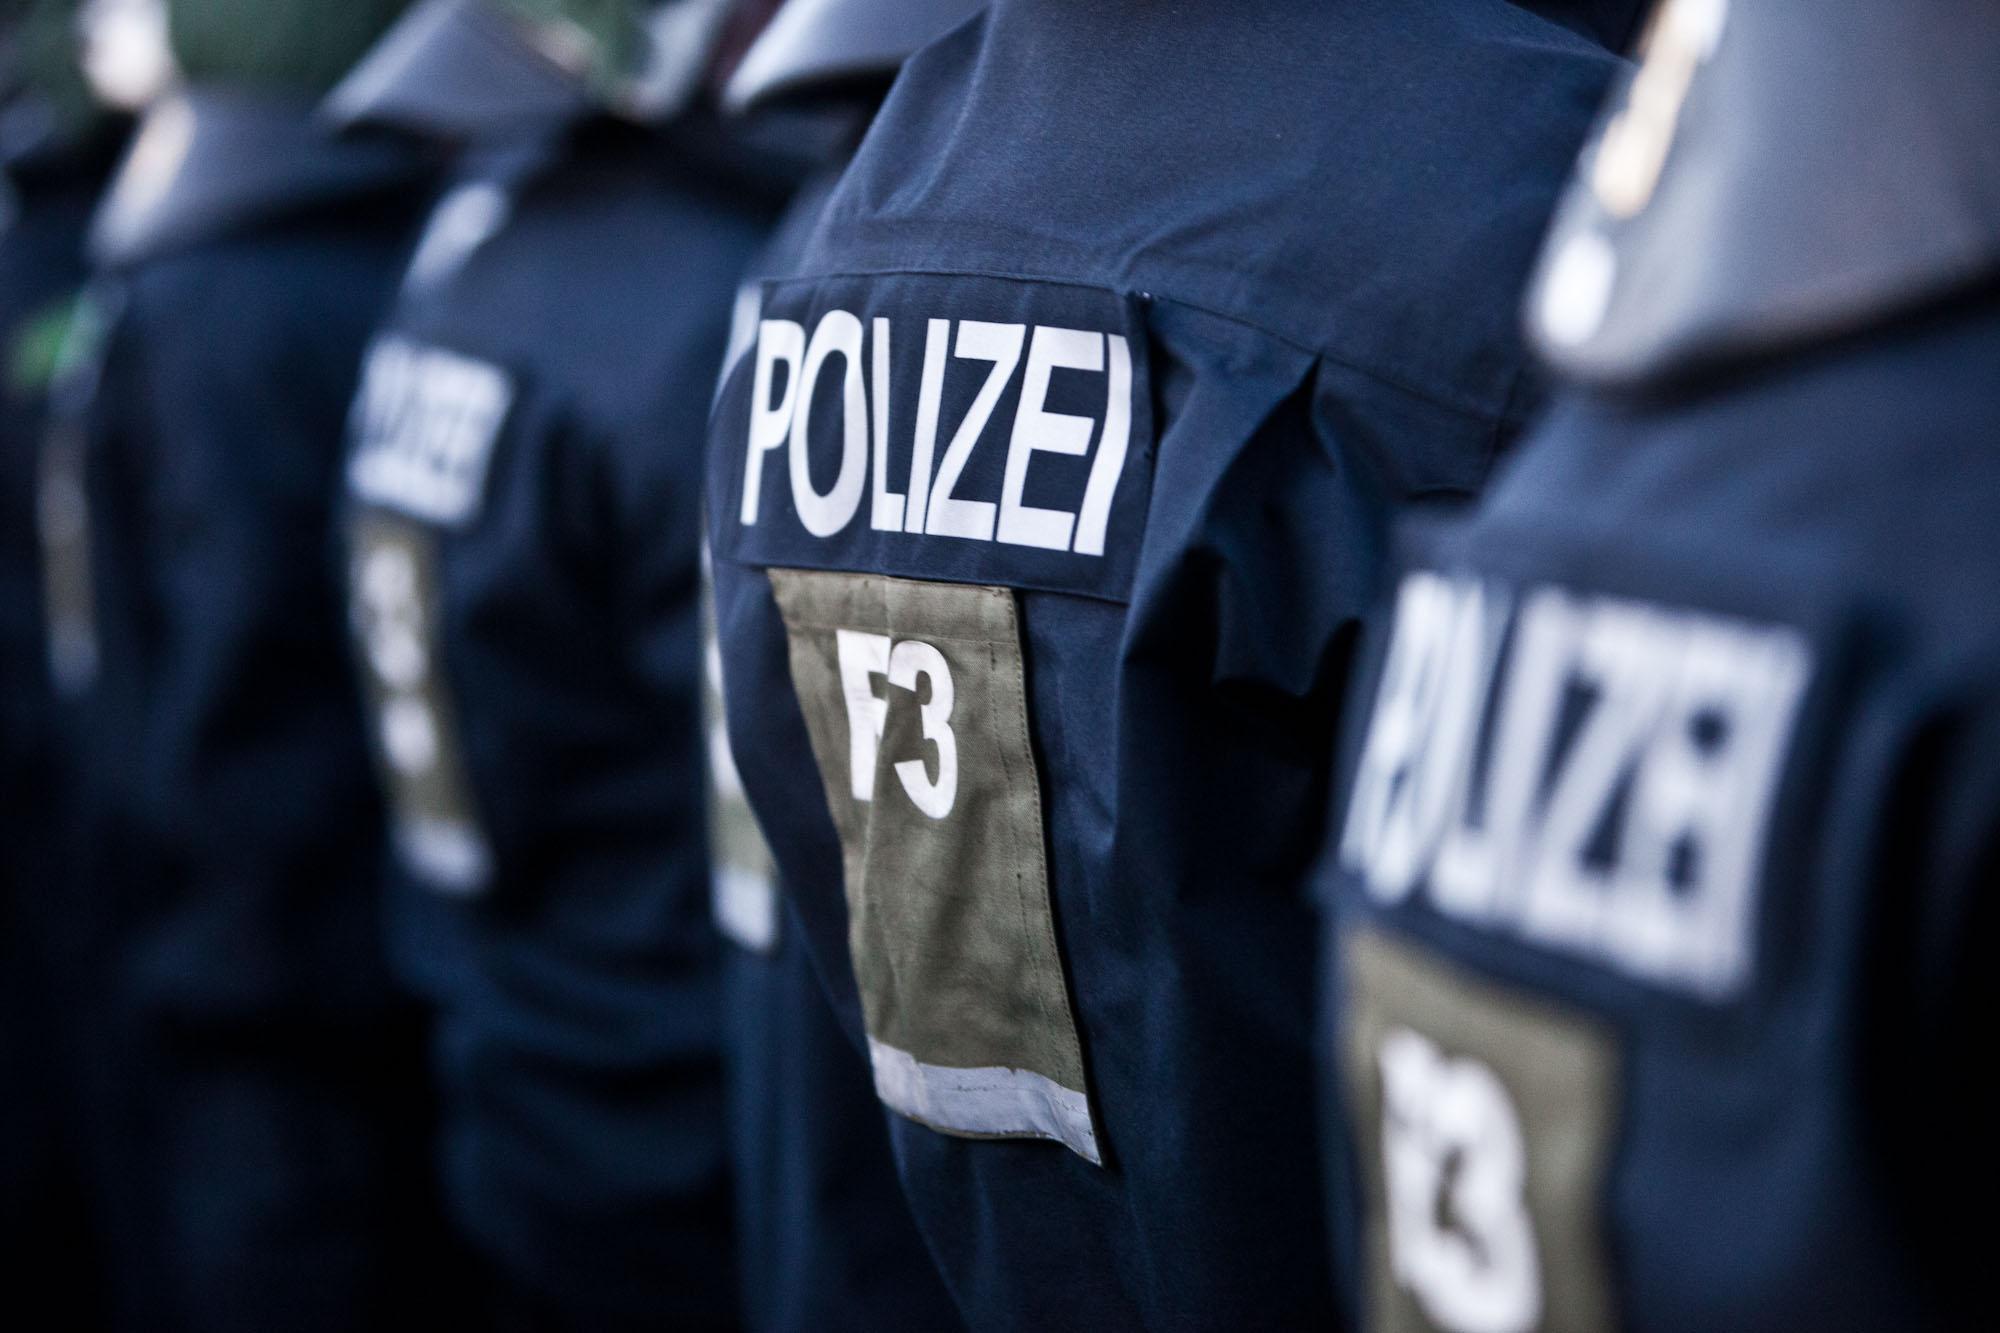 la police allemande accus u00e9e d u0026 39 utiliser un cheval de troie pour  u00e9chapper au chiffrement